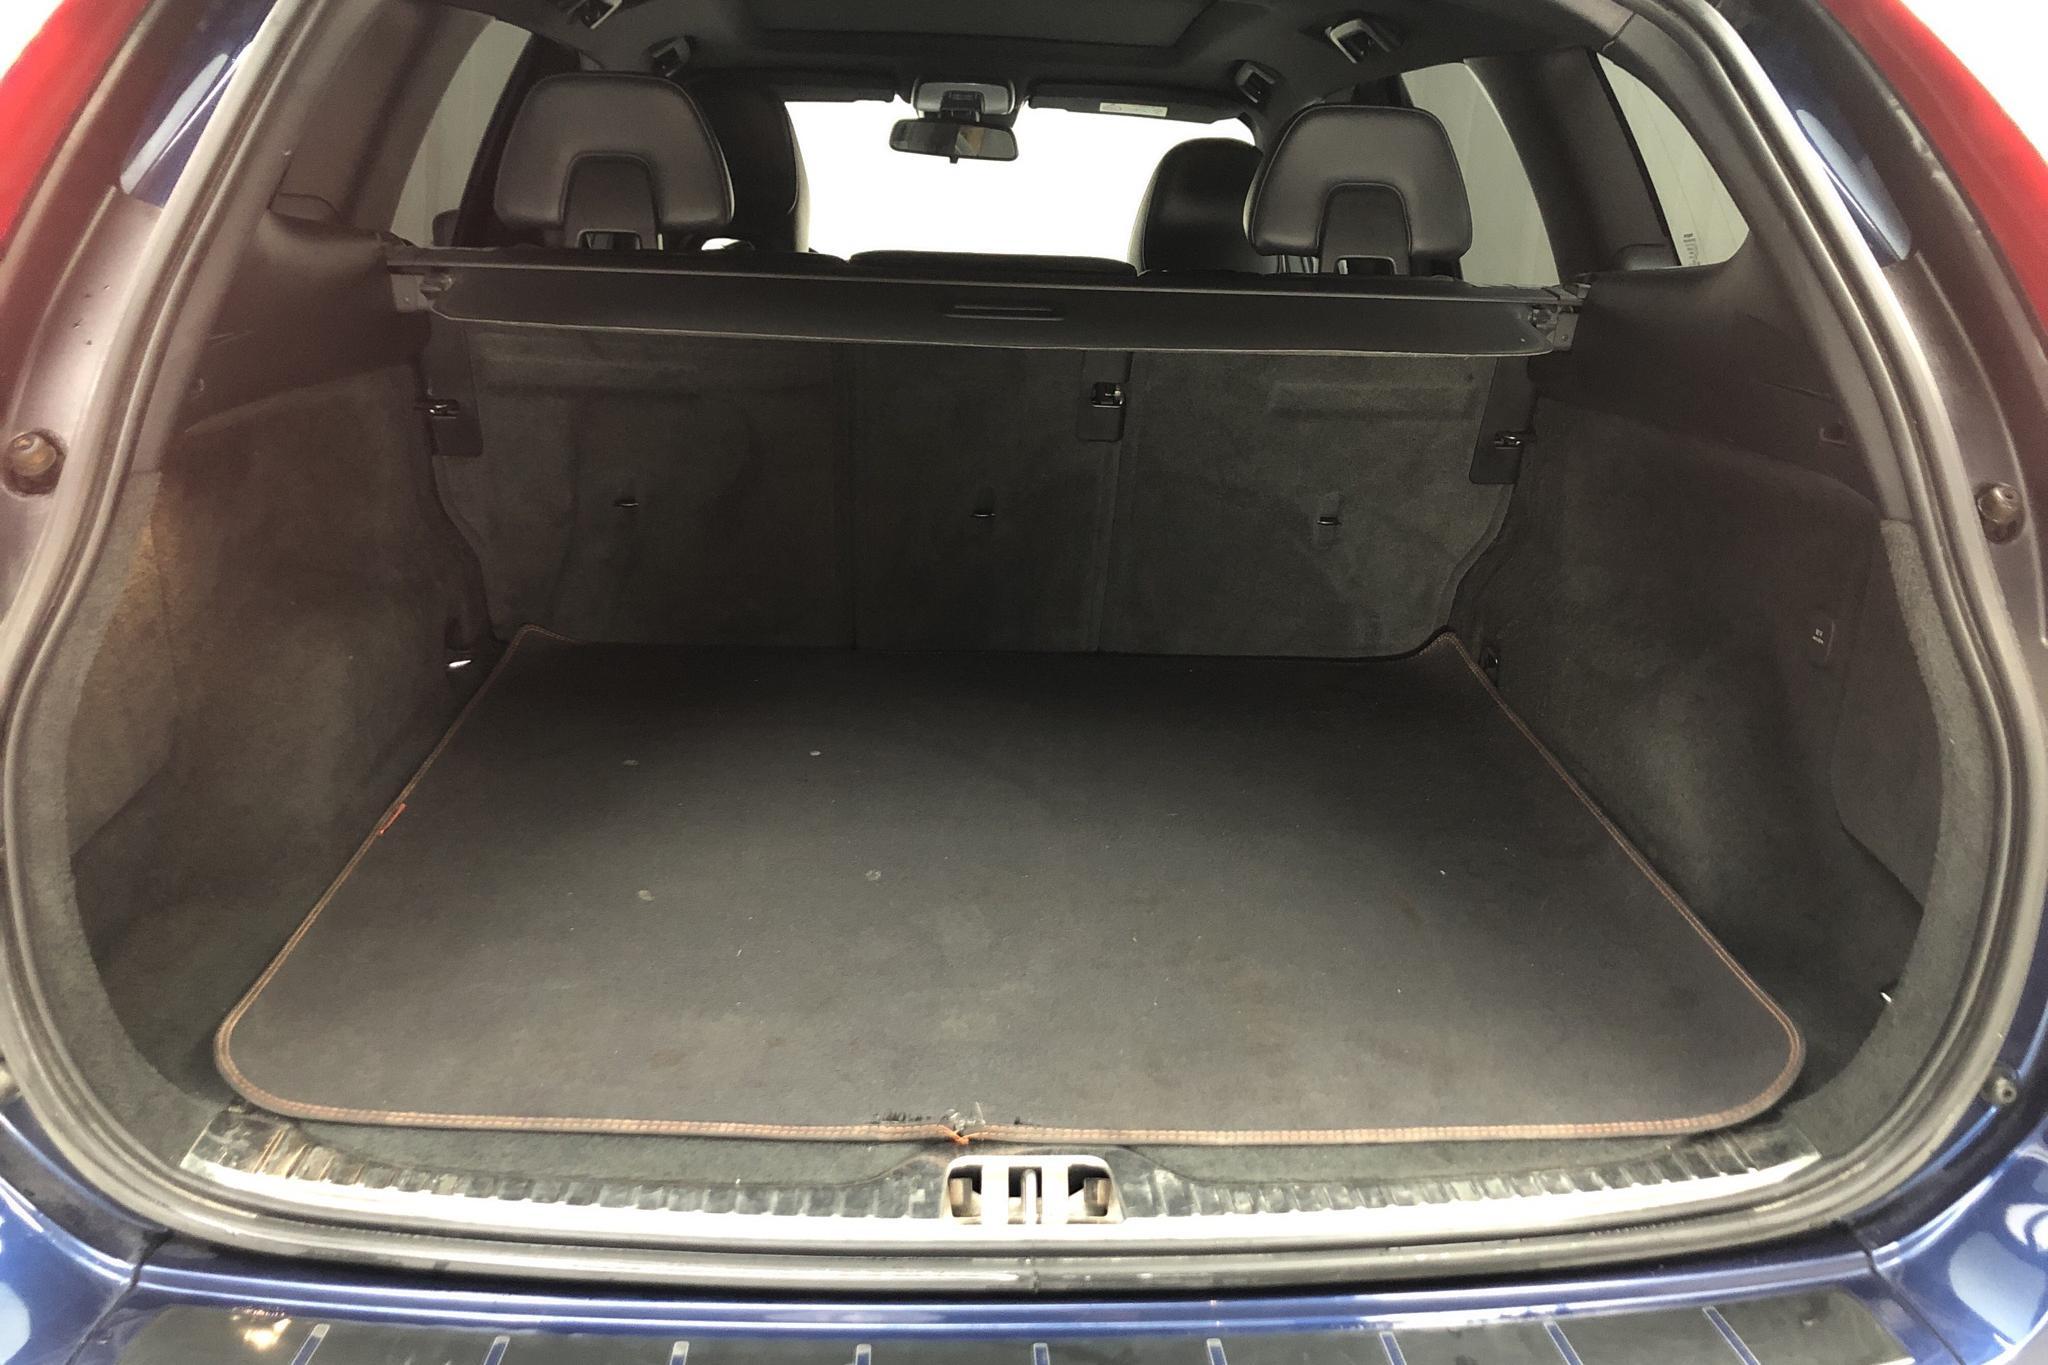 Volvo XC60 D4 AWD (181hk) - 12 884 mil - Automat - blå - 2015